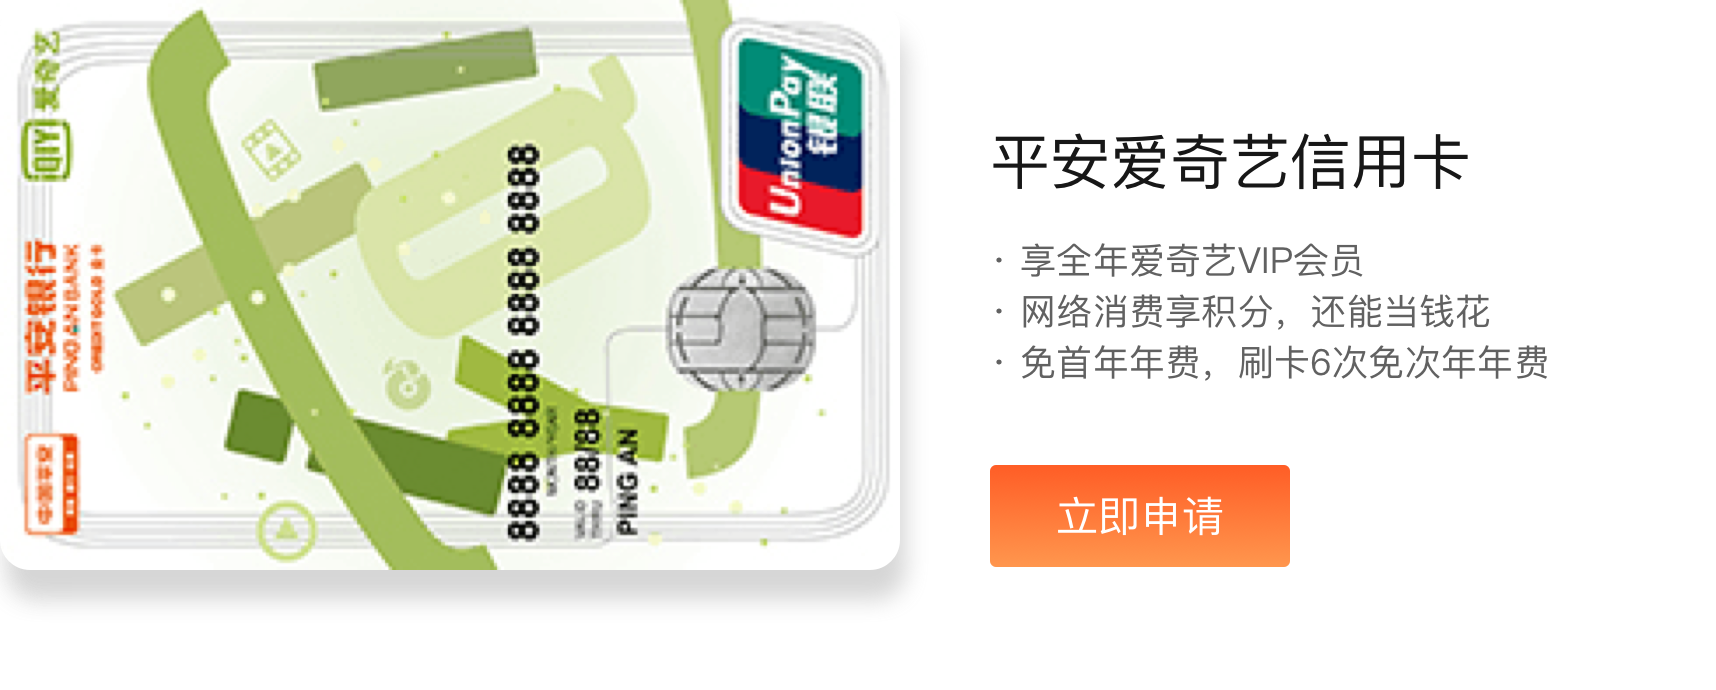 平安愛奇藝信用卡